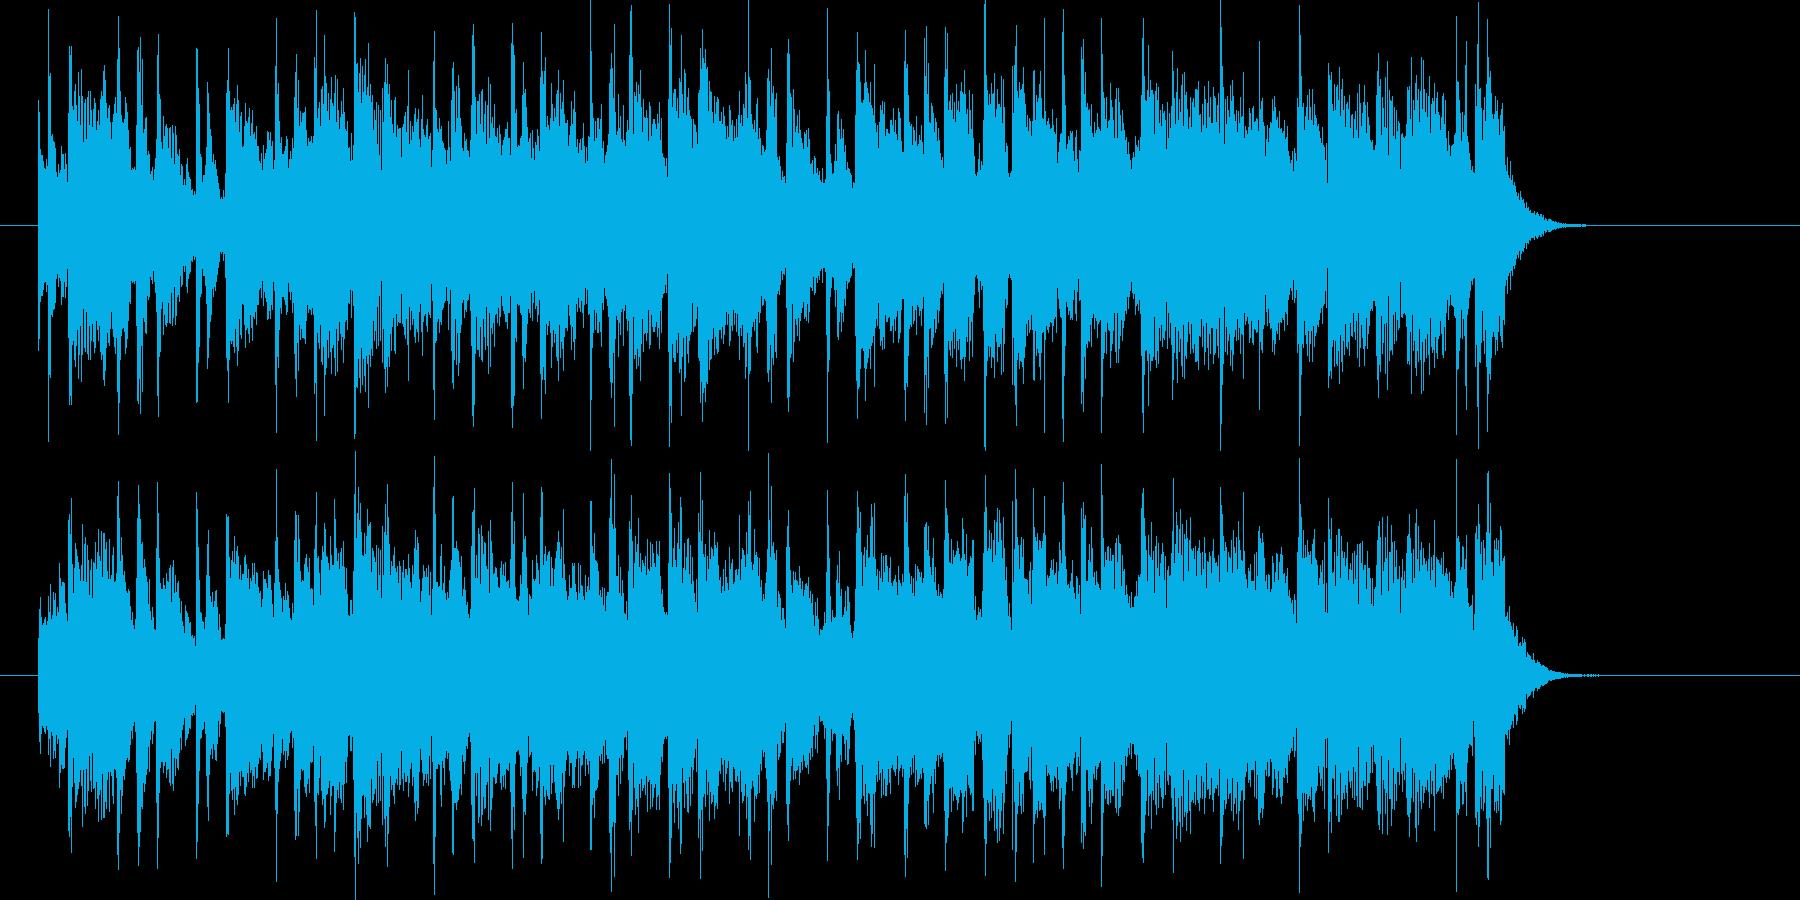 元気で明るいジングル曲、サウンドロゴの再生済みの波形